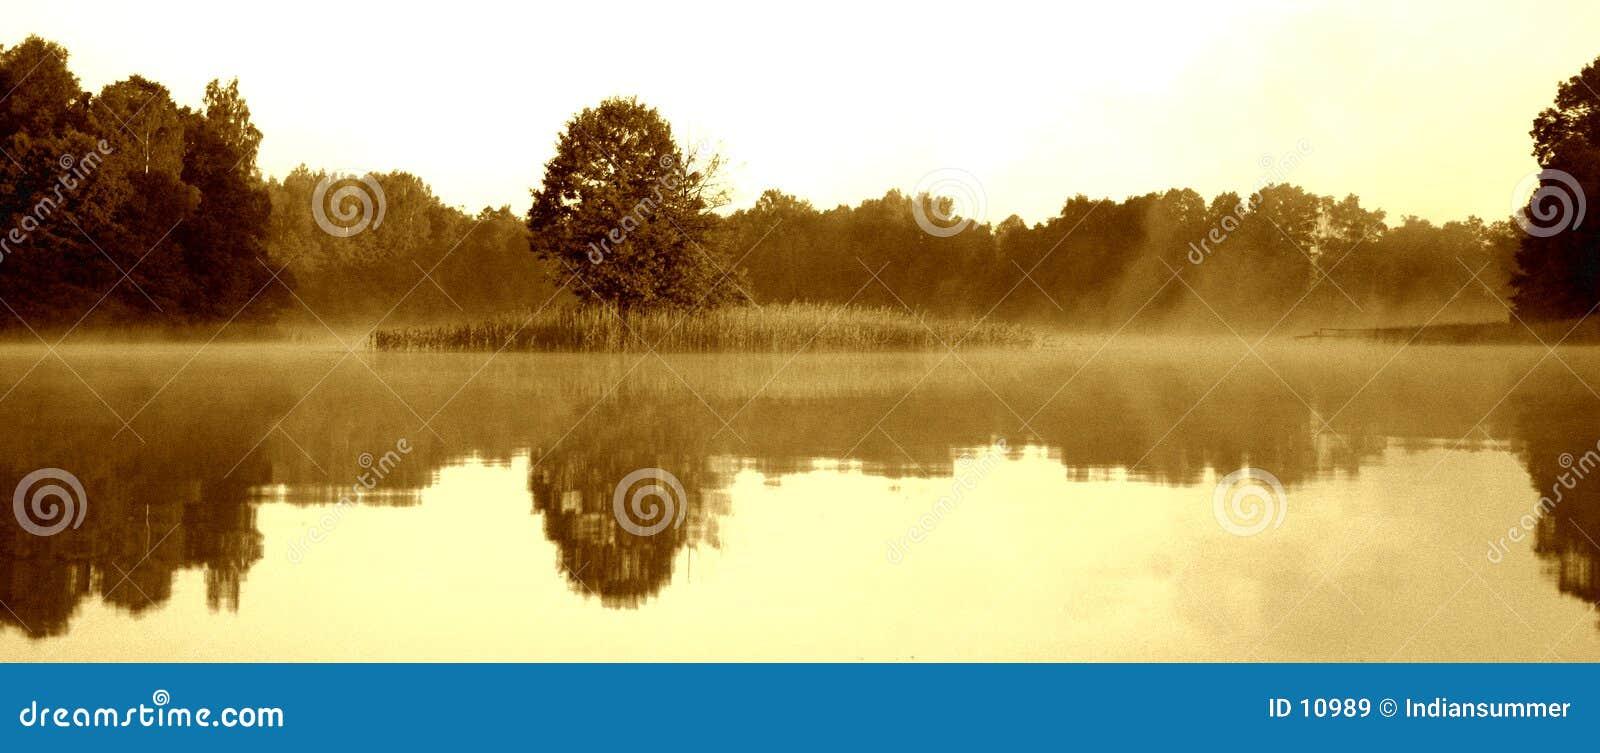 Mistige ochtend door het meer, VI